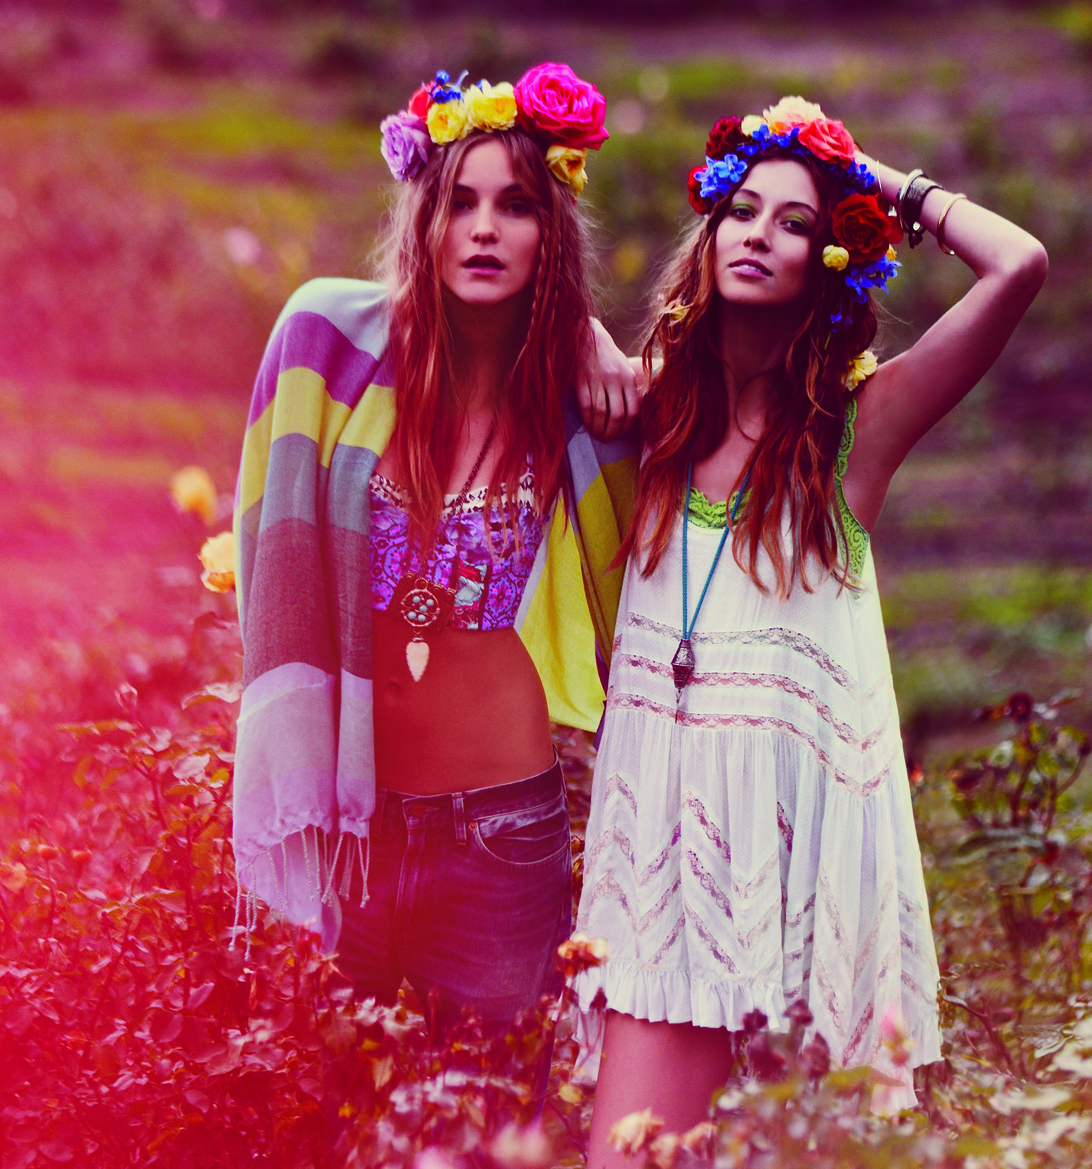 Фотосессия двух девушек 27 фотография